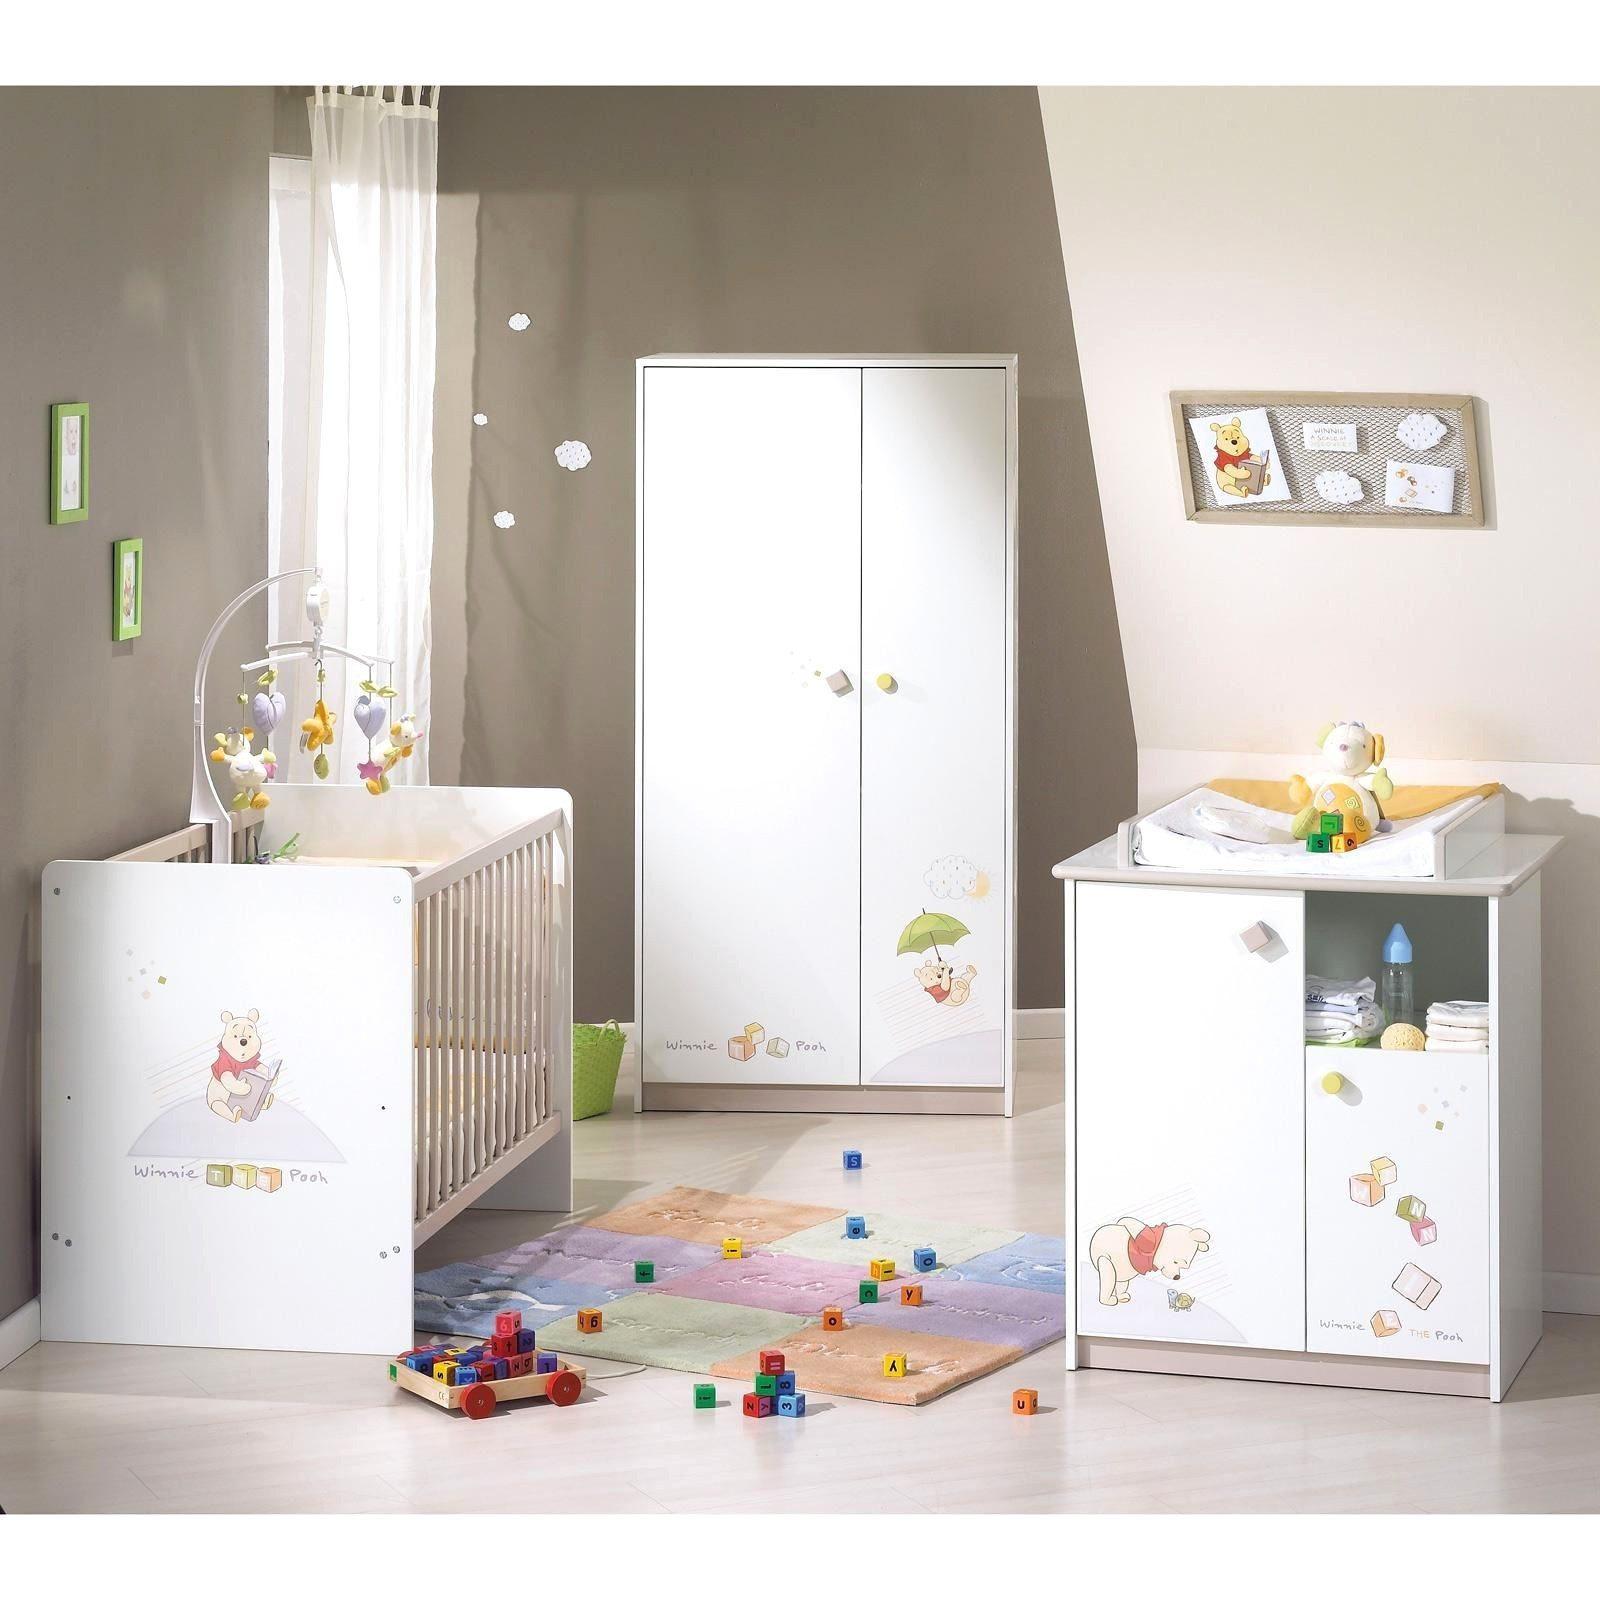 Lit Enfant Blanc Magnifique Meuble Chambre Garcon Armoire Blanche Bebe Impressionnant S Chambre